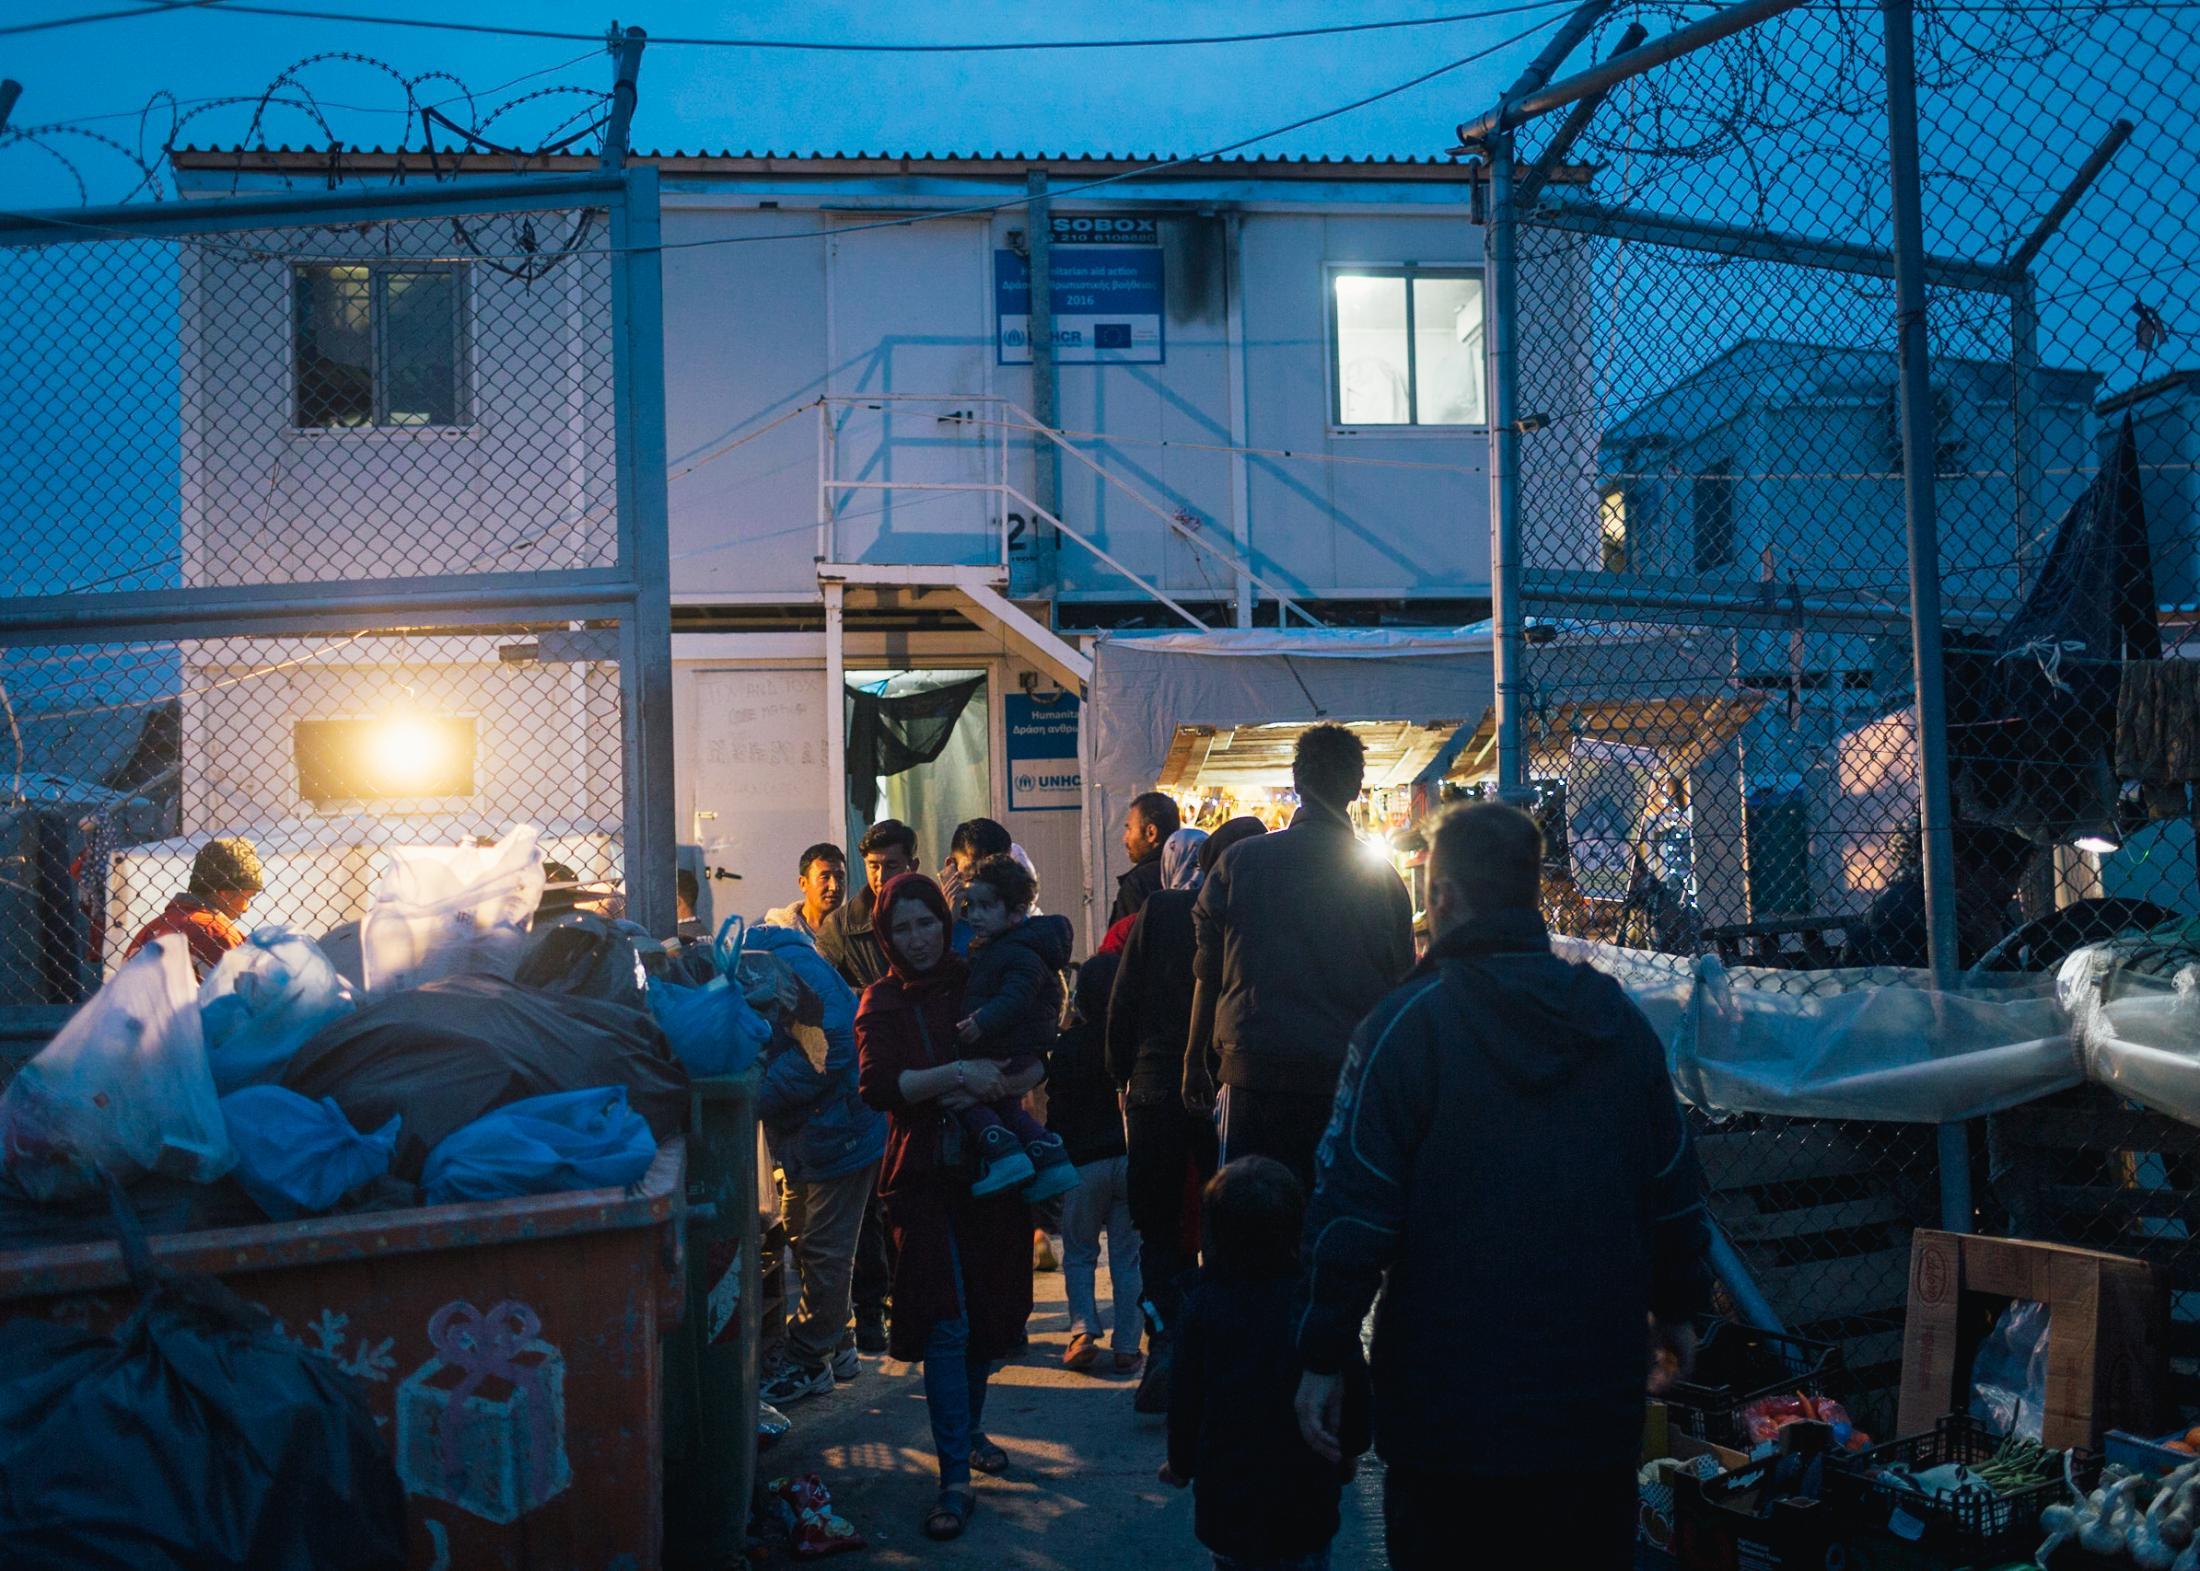 Der sogenannte Hot-Spot Moria auf der Insel Lesbos ist seit Jahren hoffnungslos überfüllt. Eigentlich ist das ehemalige Militärgelände für 3000 Menschen ausgelegt. Mittlerweile leben dort bis zu 20.000 Menschen unter katastrophalen und menschenunwürdigen Lebensbedingungen.